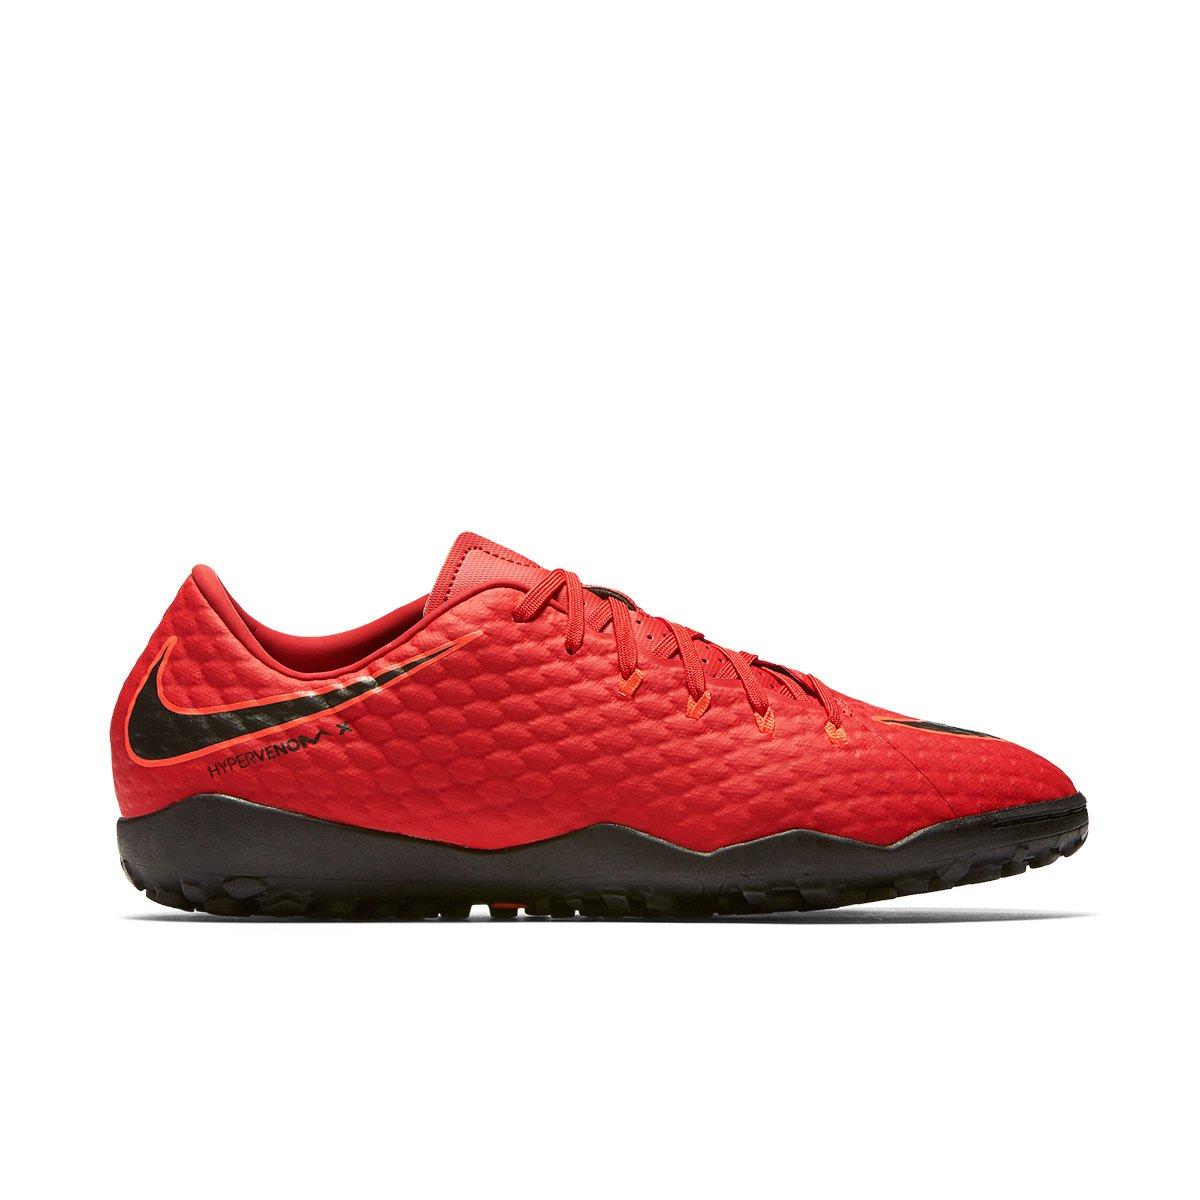 ce91b3667c Chuteira Society Nike Hypervenom Phelon 3 TF - Vermelho e Preto ...